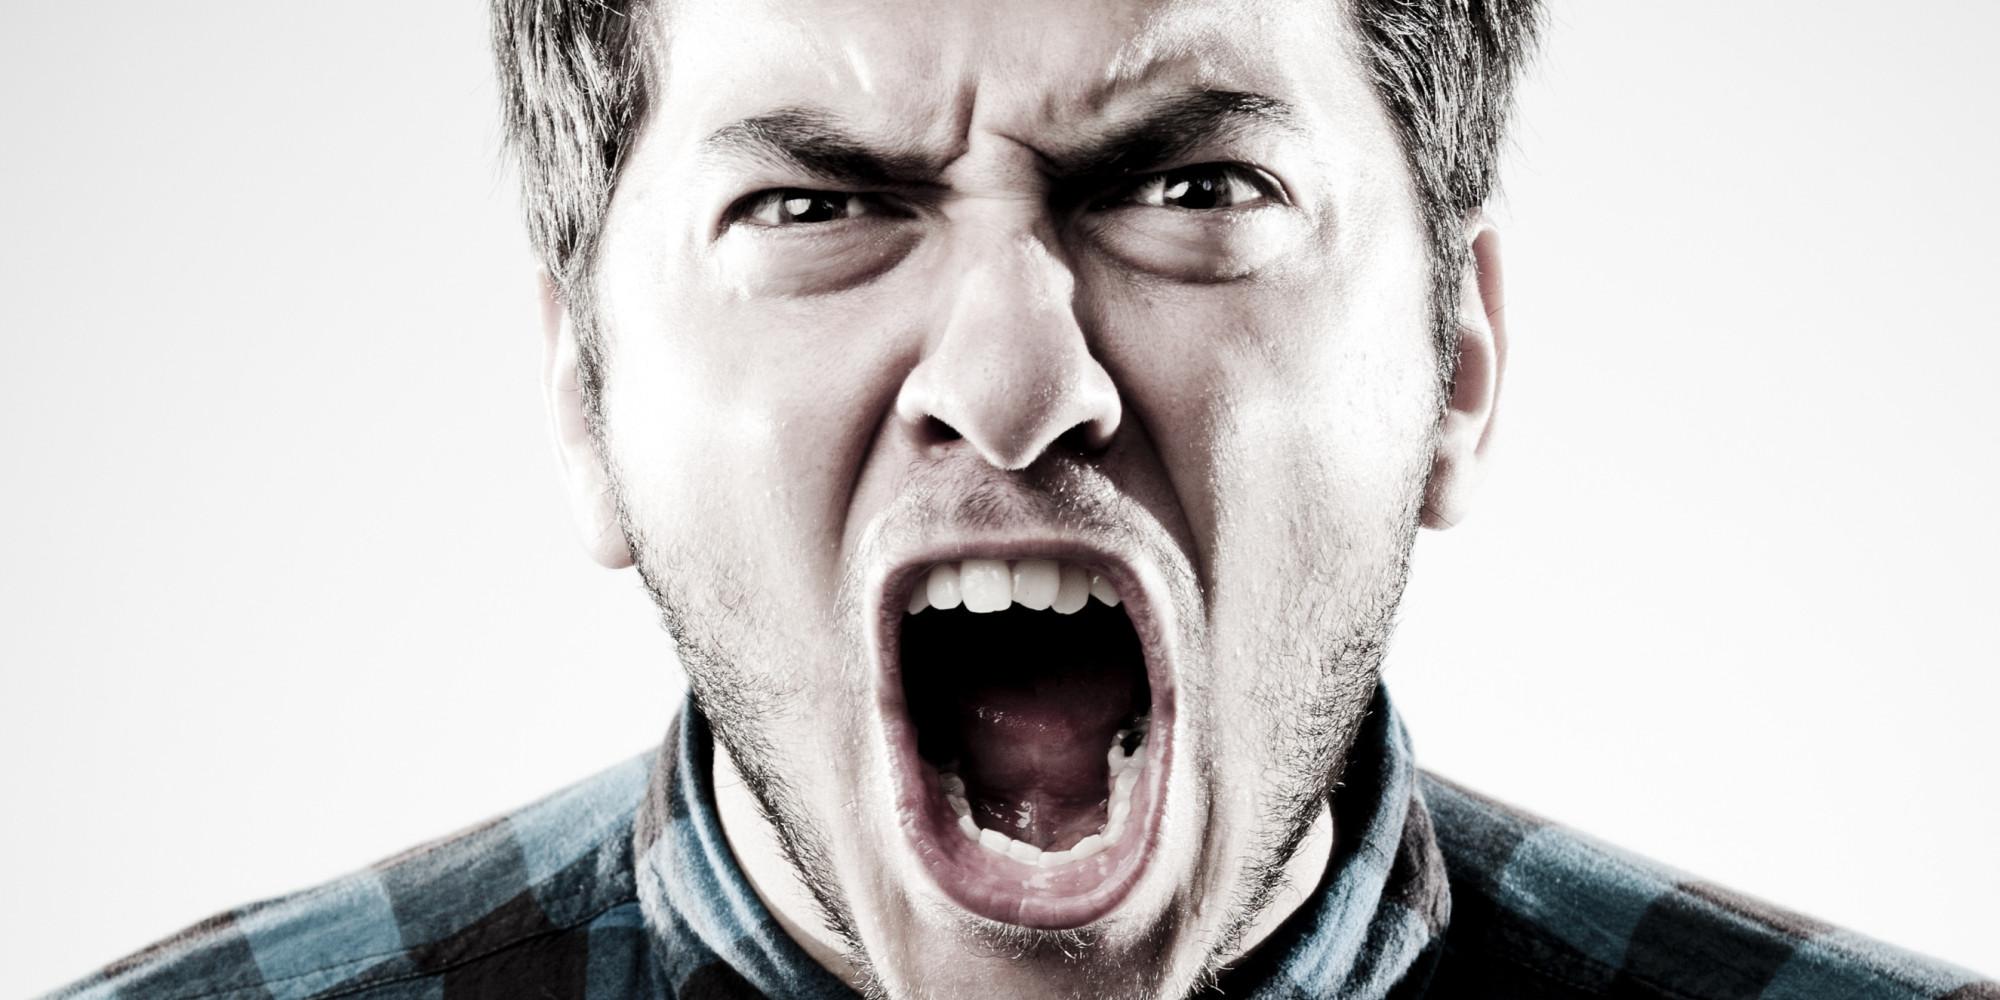 Как справиться со злостью. злость – важная нужная эмоция